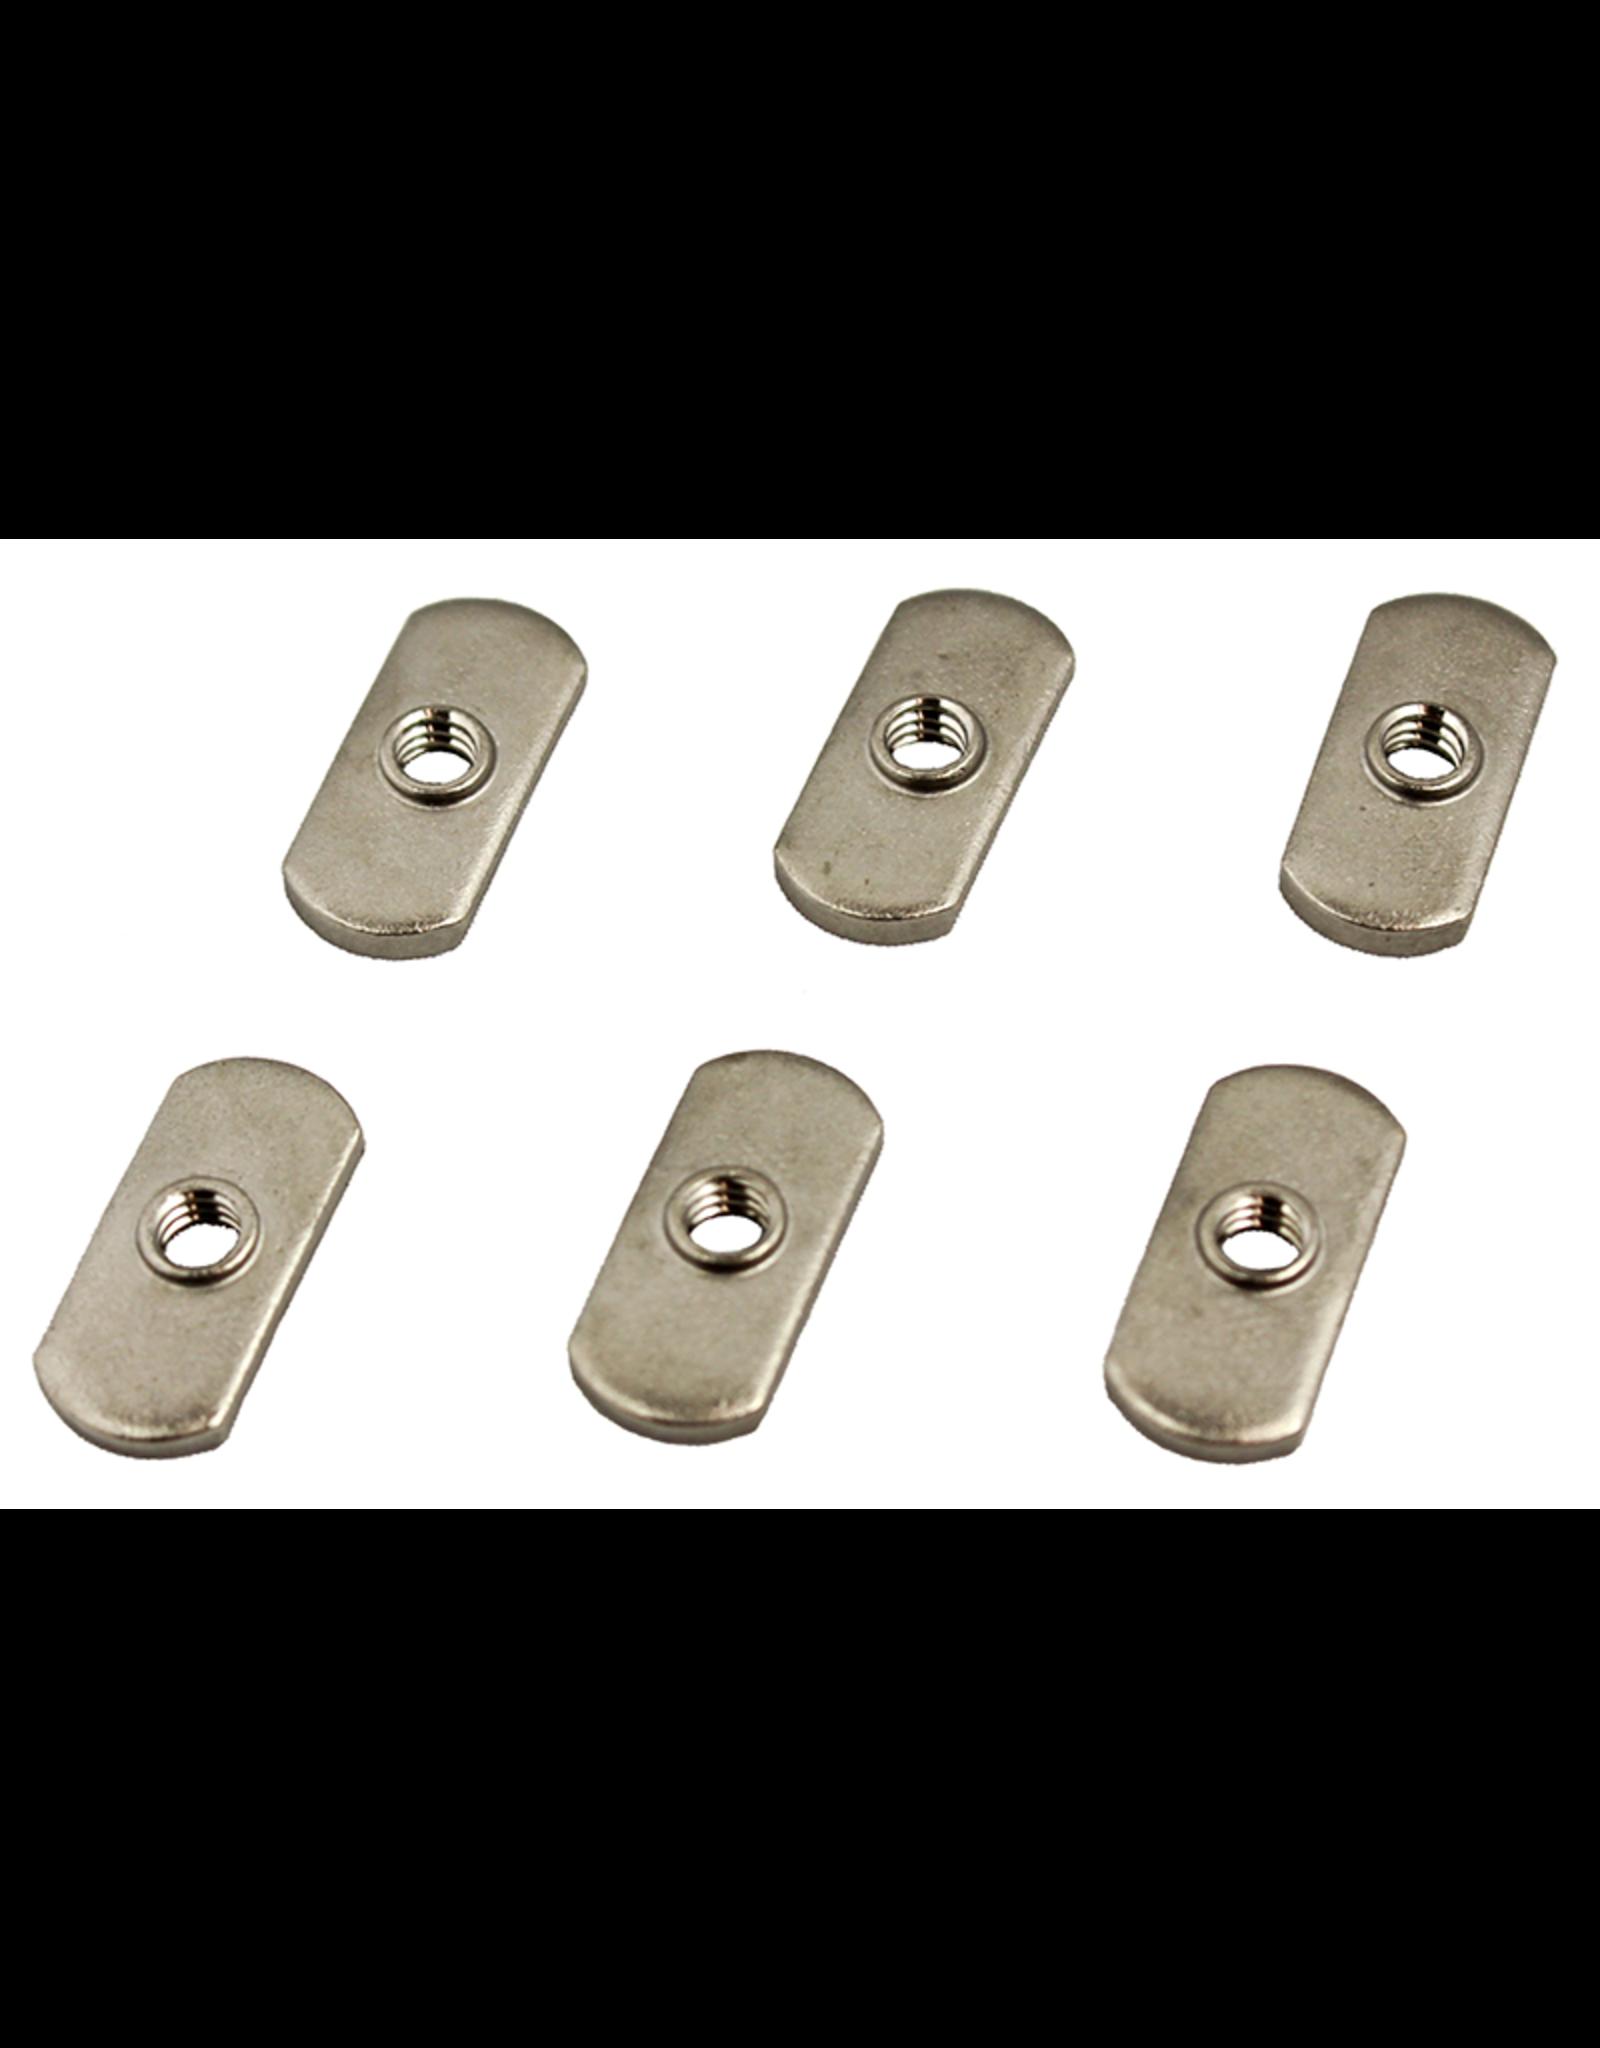 YakAttack 1/4 20 Track Nut 6 pack